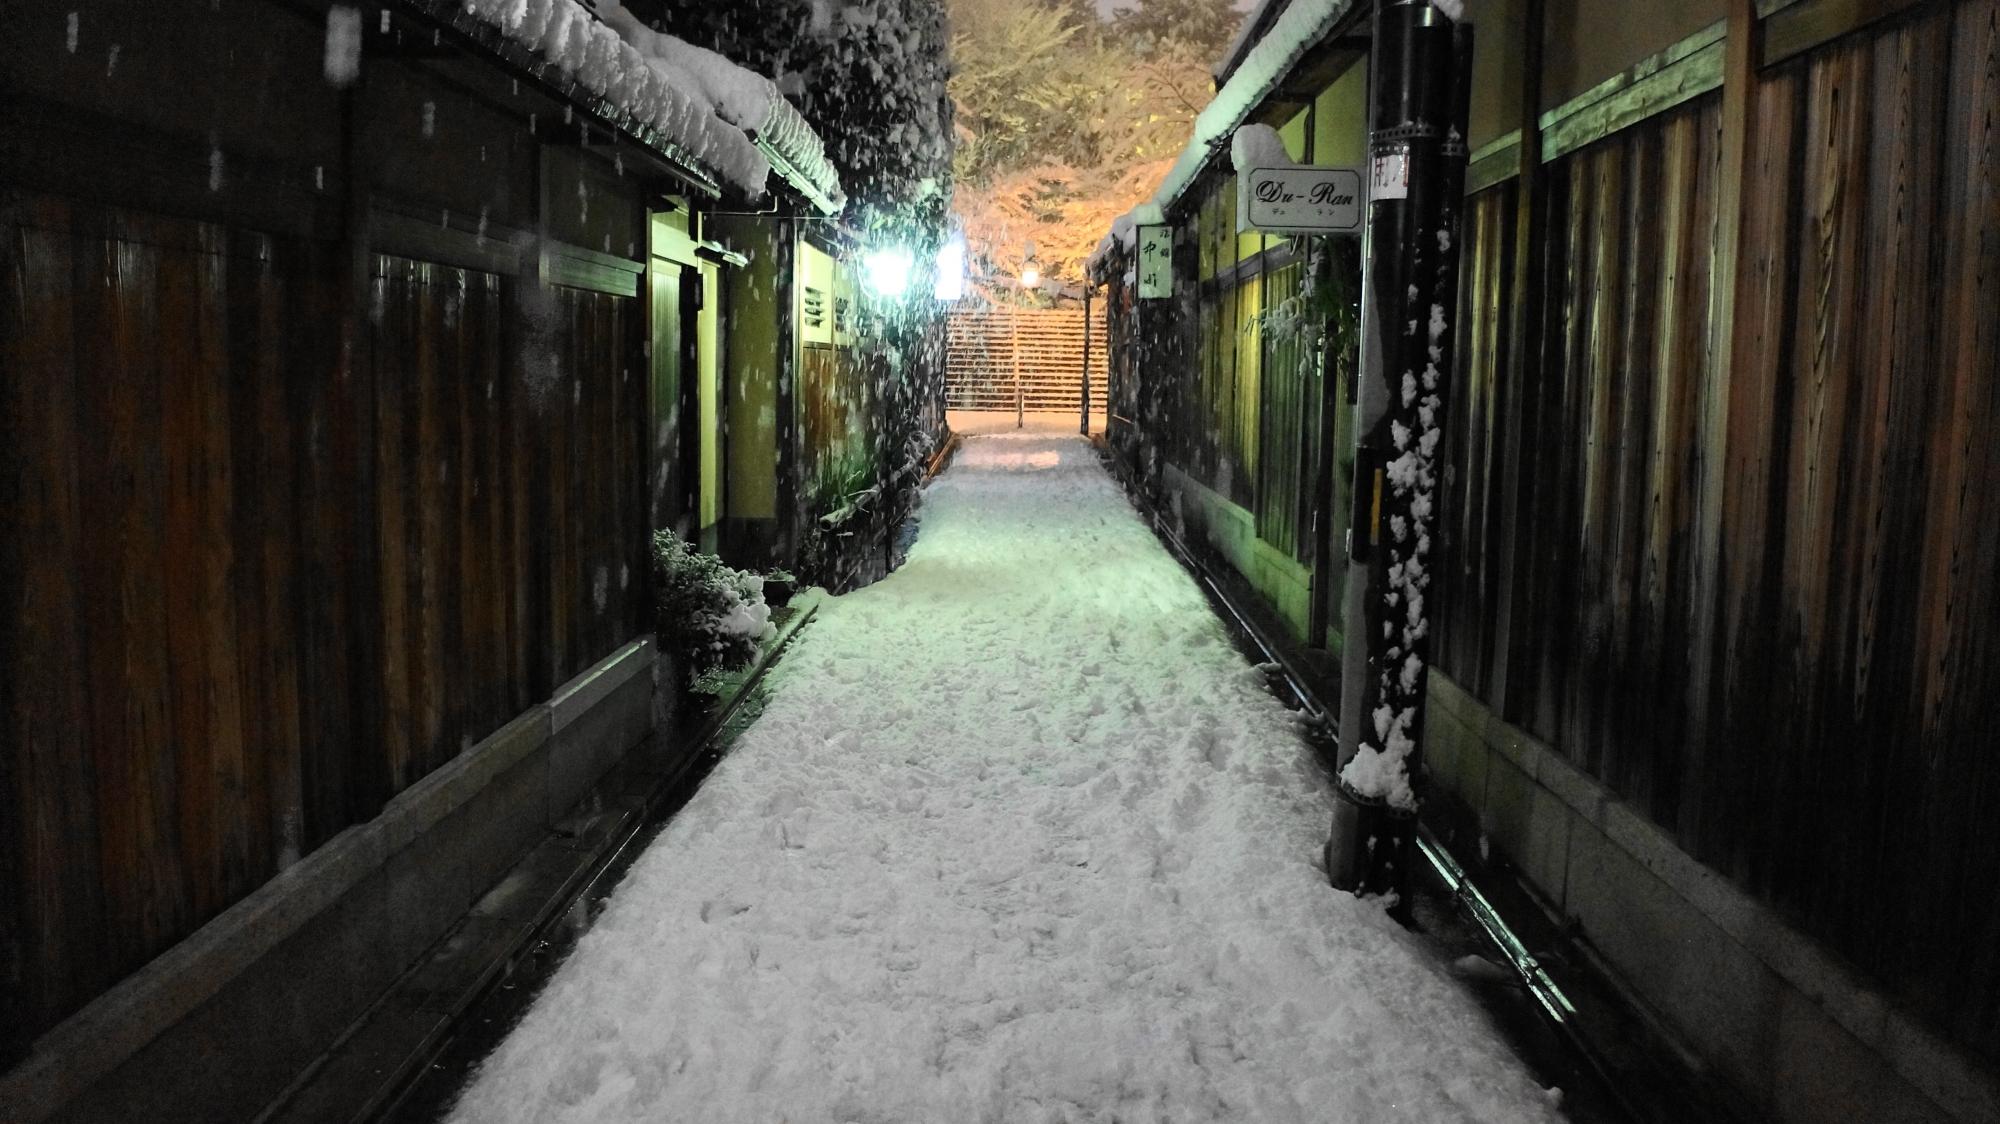 ねねの道と石塀小路の雪景色